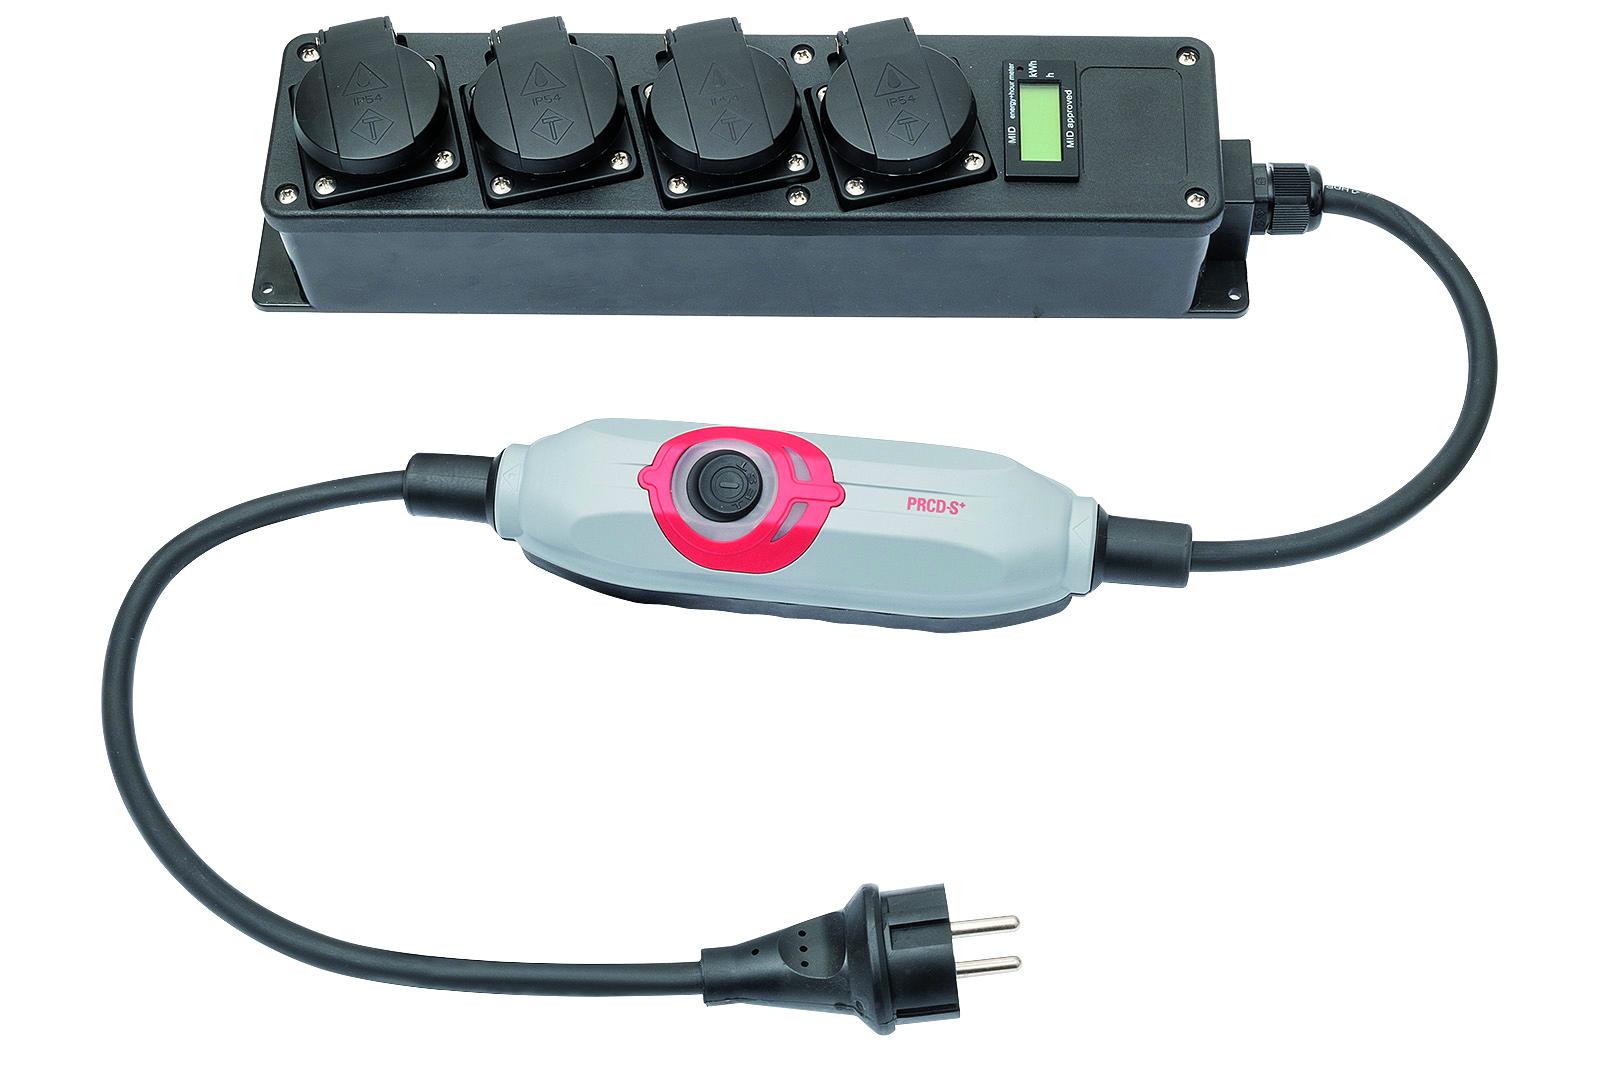 Mobiler Stromzähler mit Steckdosenleiste 4-fach und PRCDS+ - Digitaler Energiezähler zu Abrechnungszwecken geeignet - MID geeicht - 10 Stk.